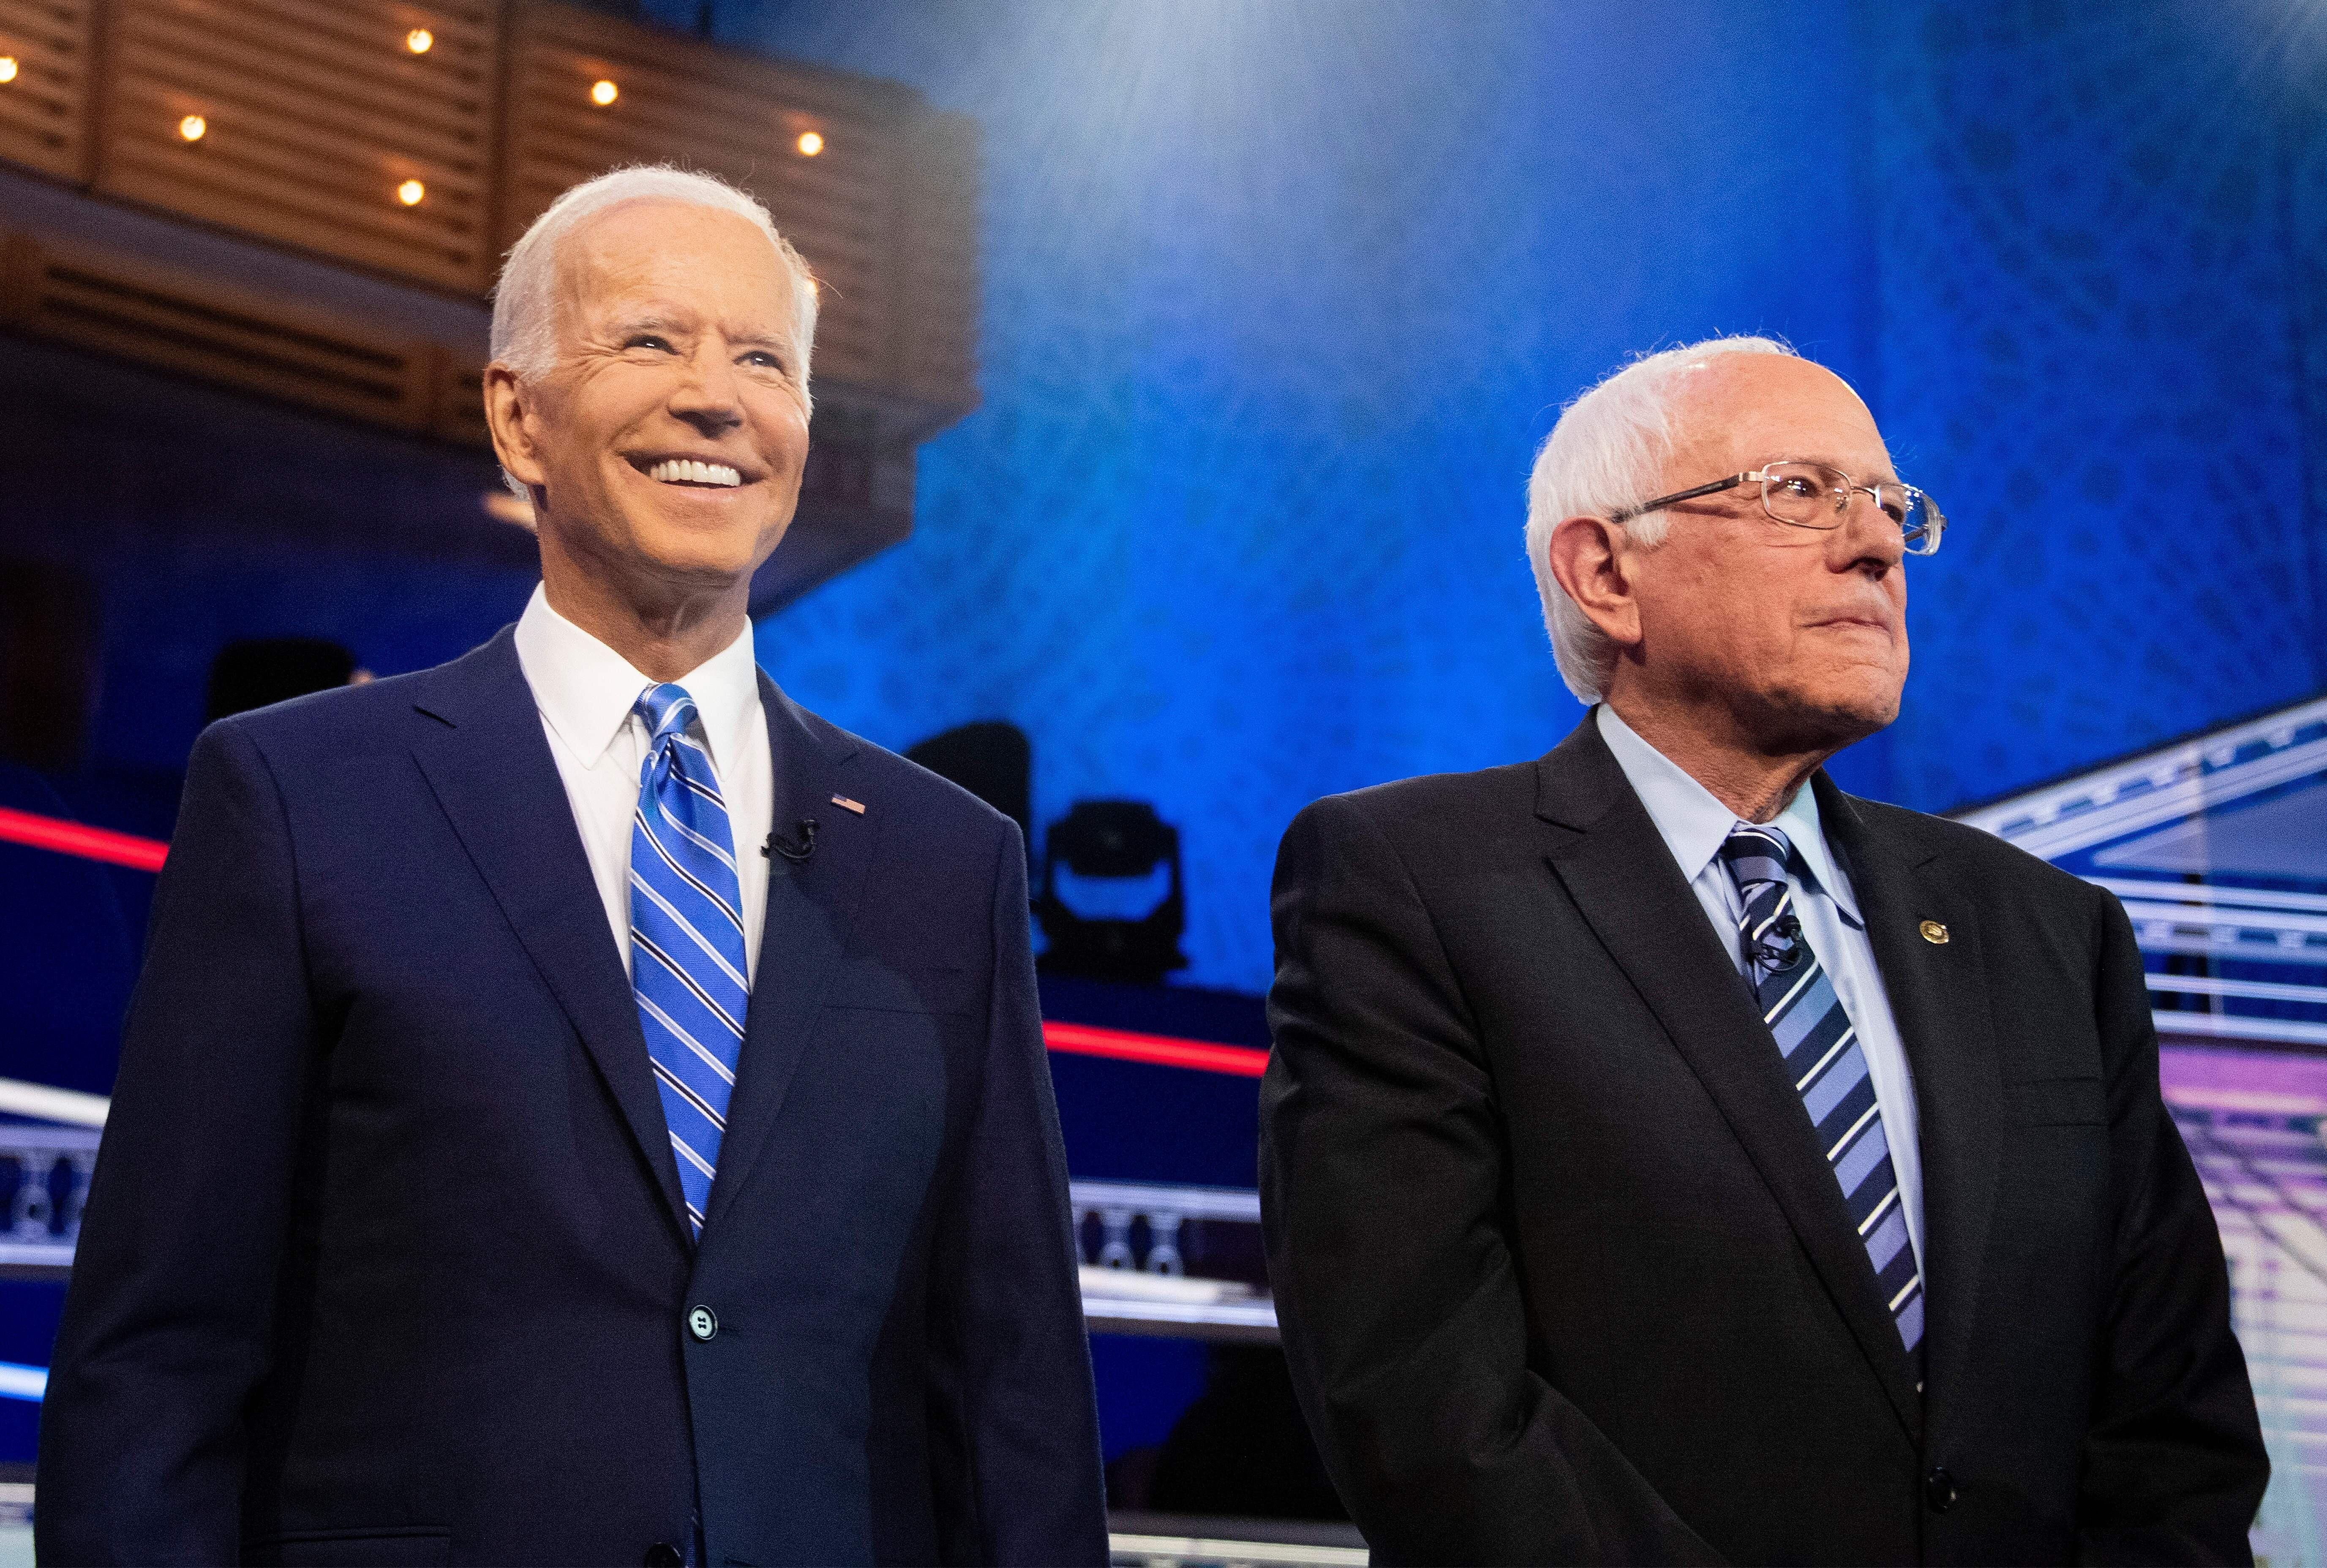 Sen. Bernie Sanders (I-Vt.), right, sees older, working-class voters backing former Vice President Joe Biden, left, as ripe f